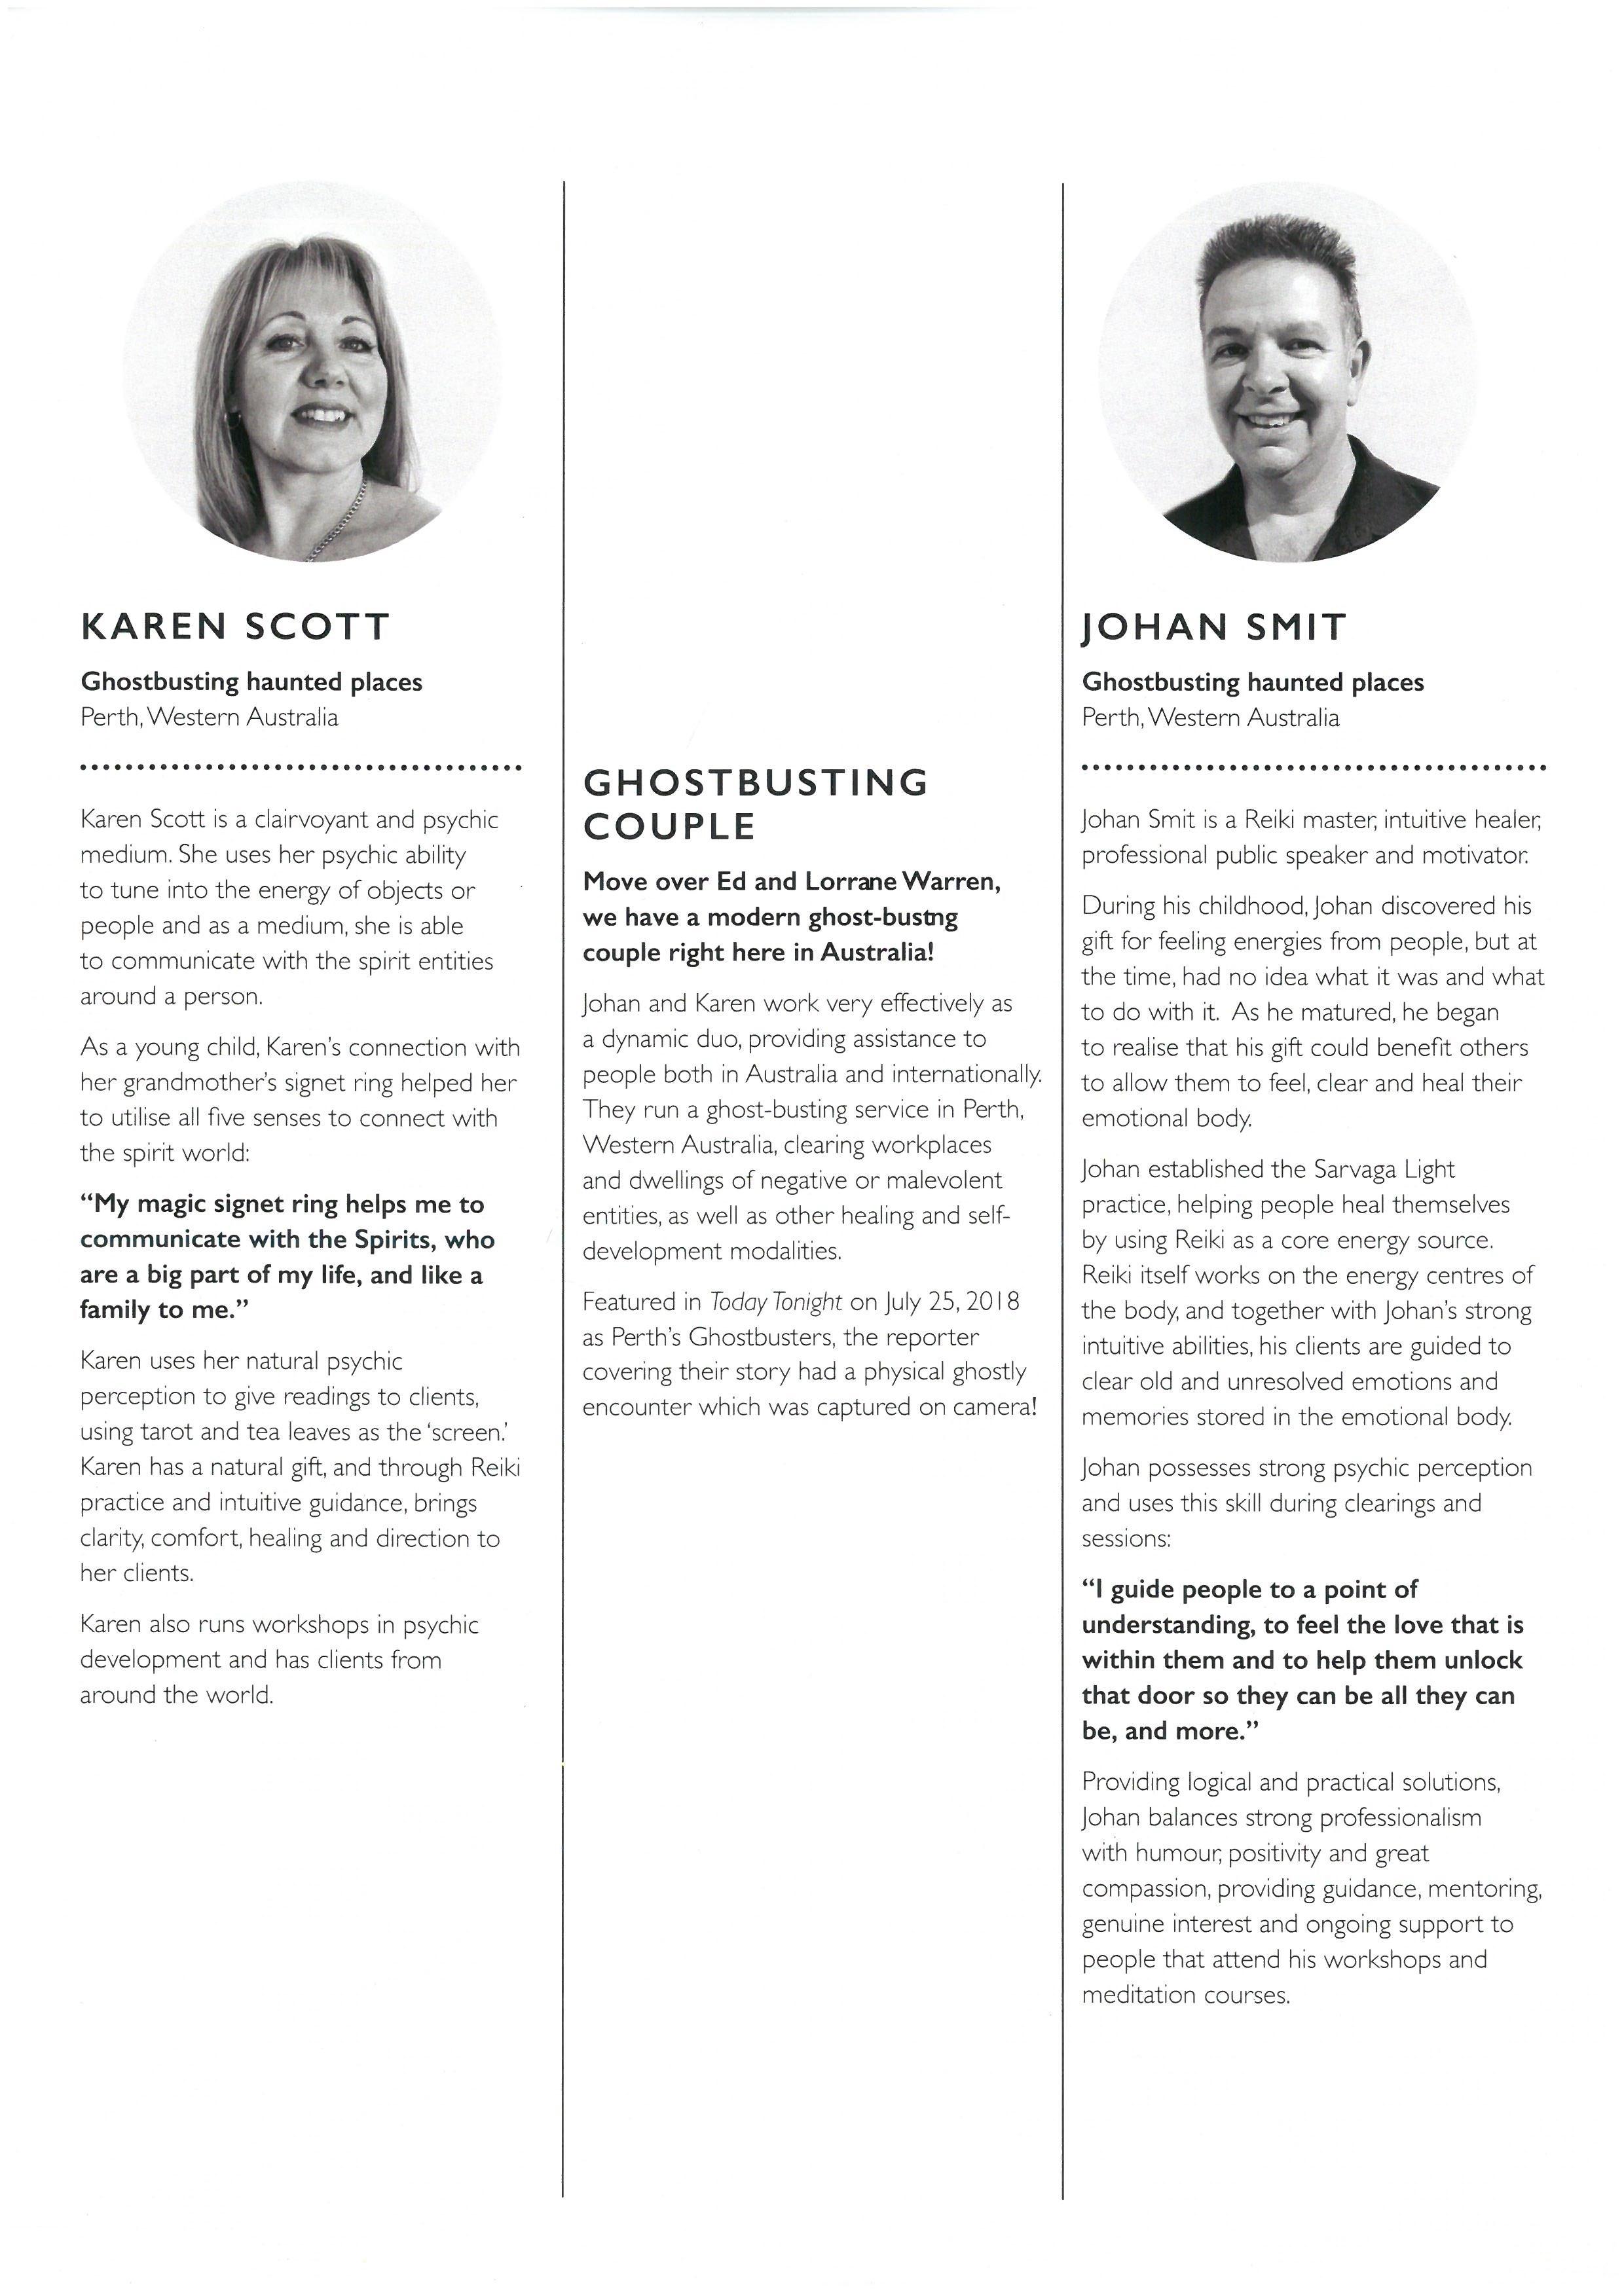 Johan & Karen blurb.jpg